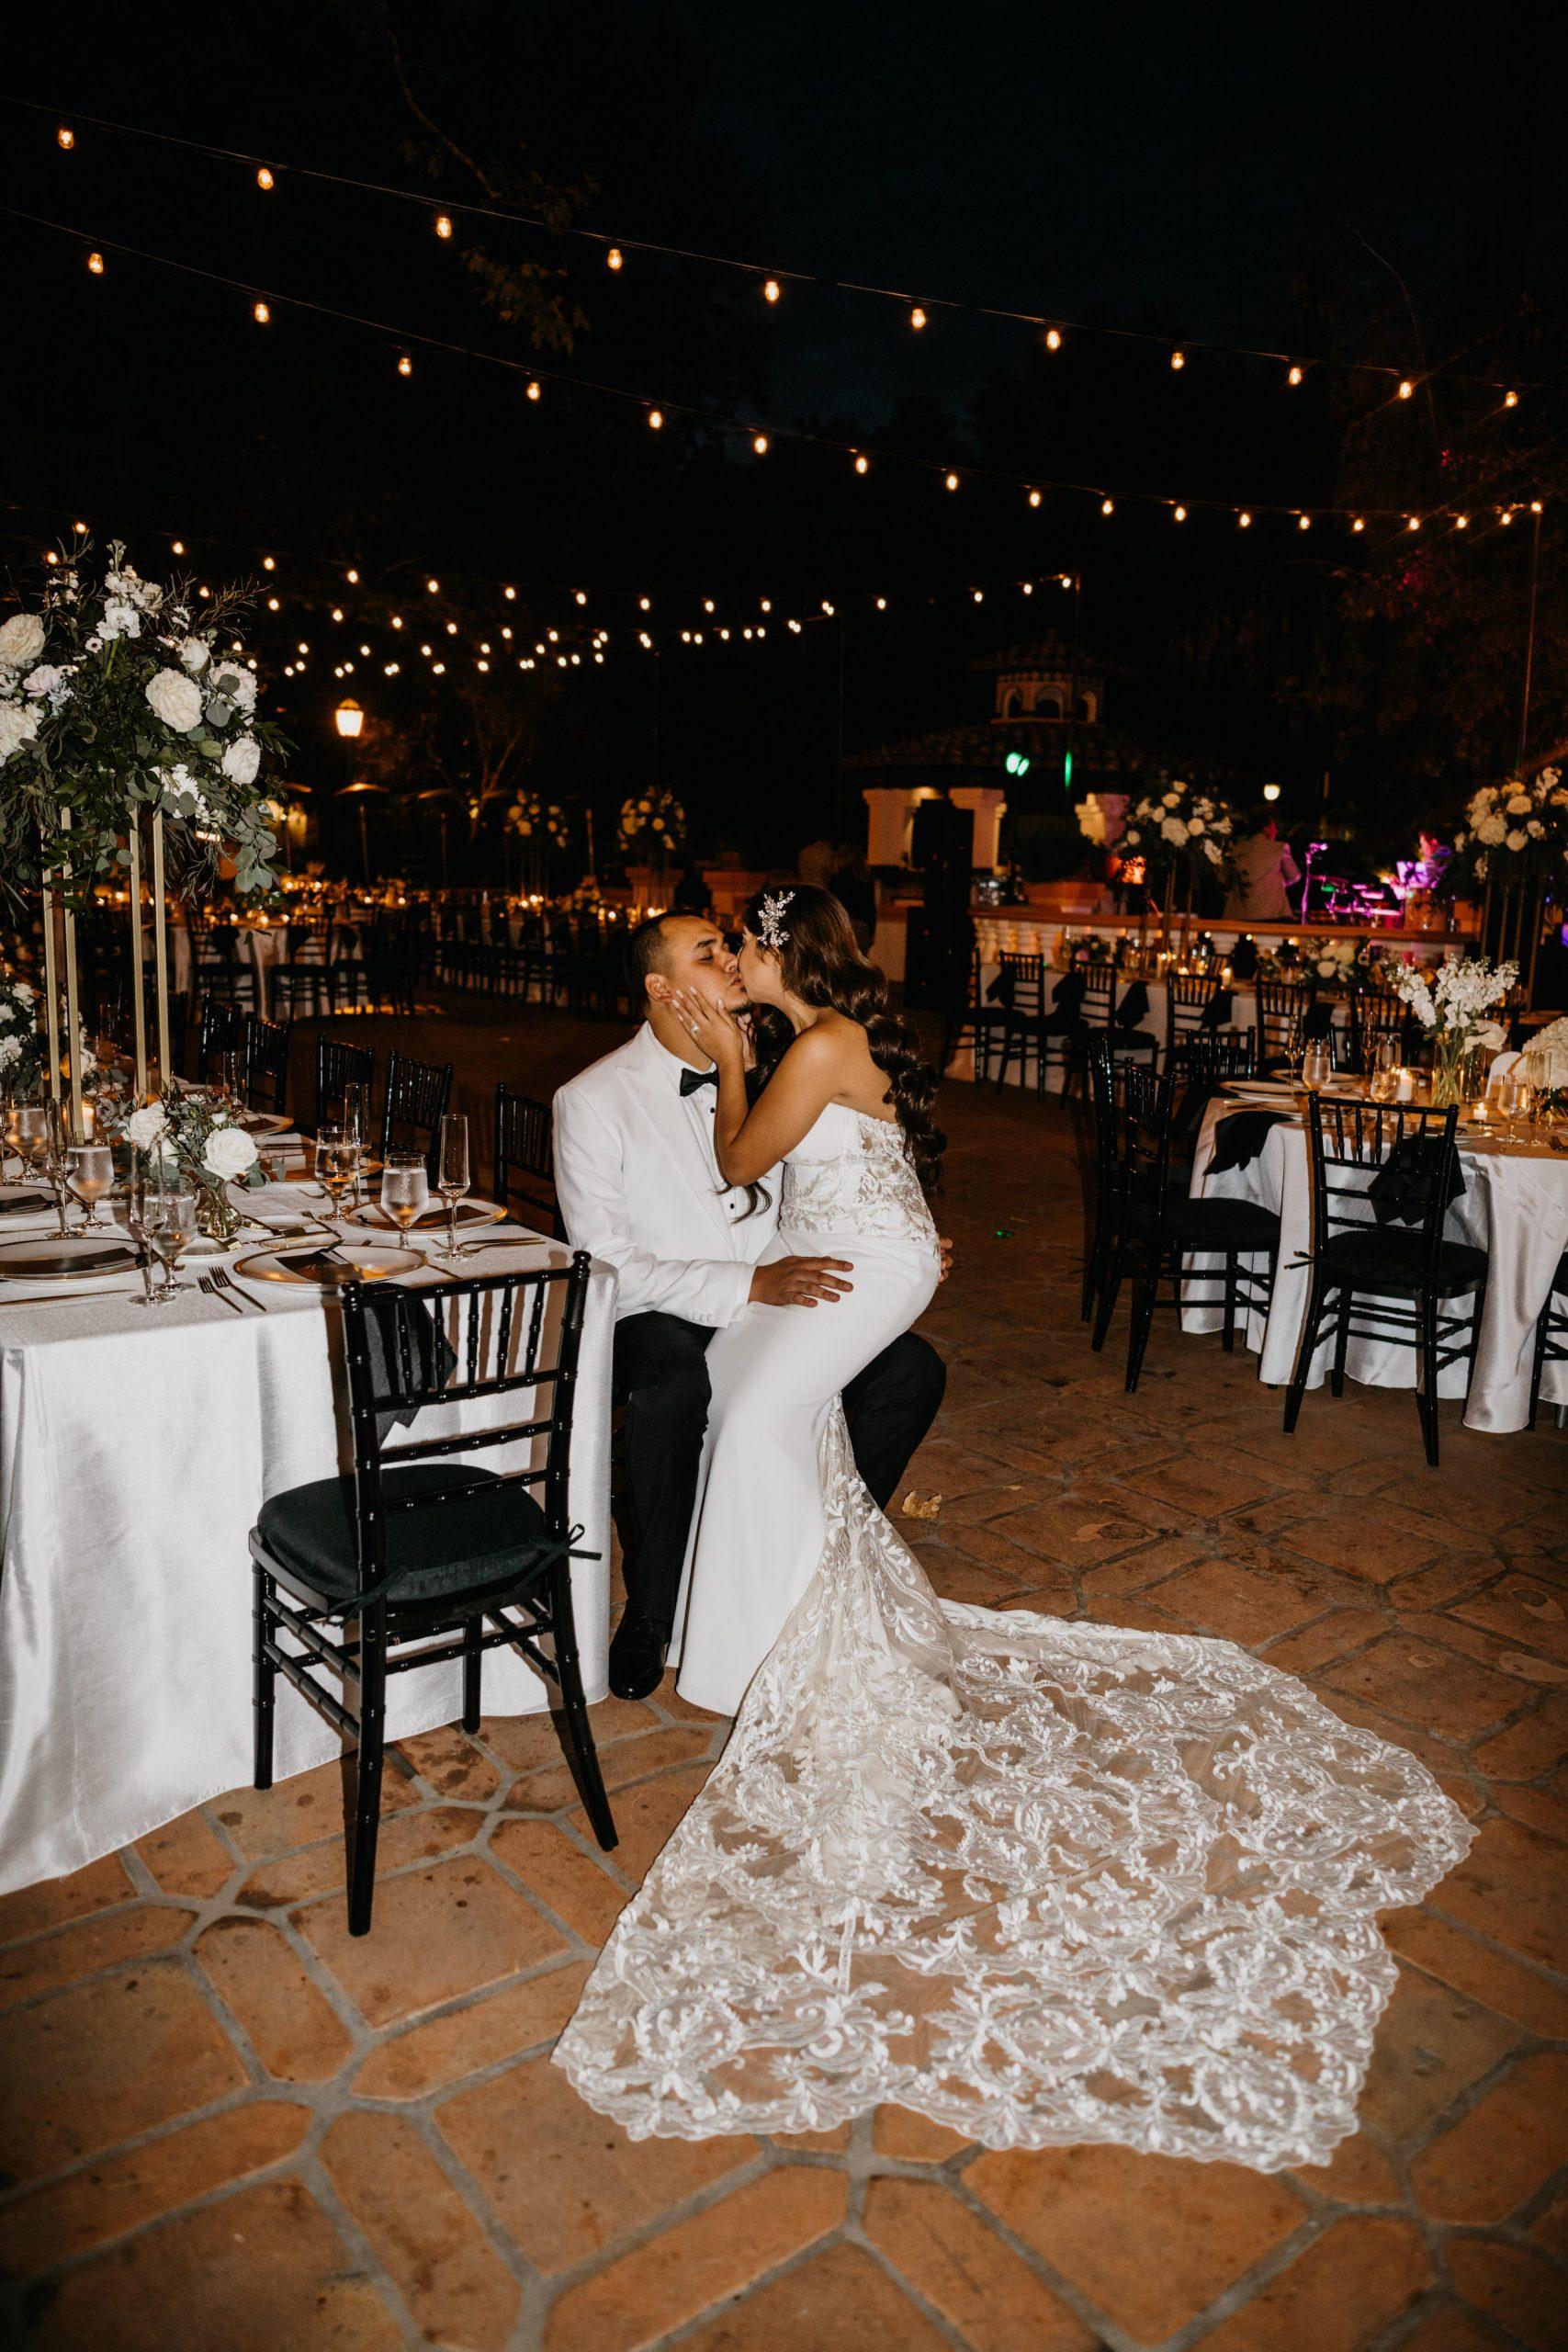 Bride and Groom Portrait at Reception in Rancho Las Lomas Wedding, image by Fatima Elreda Photo